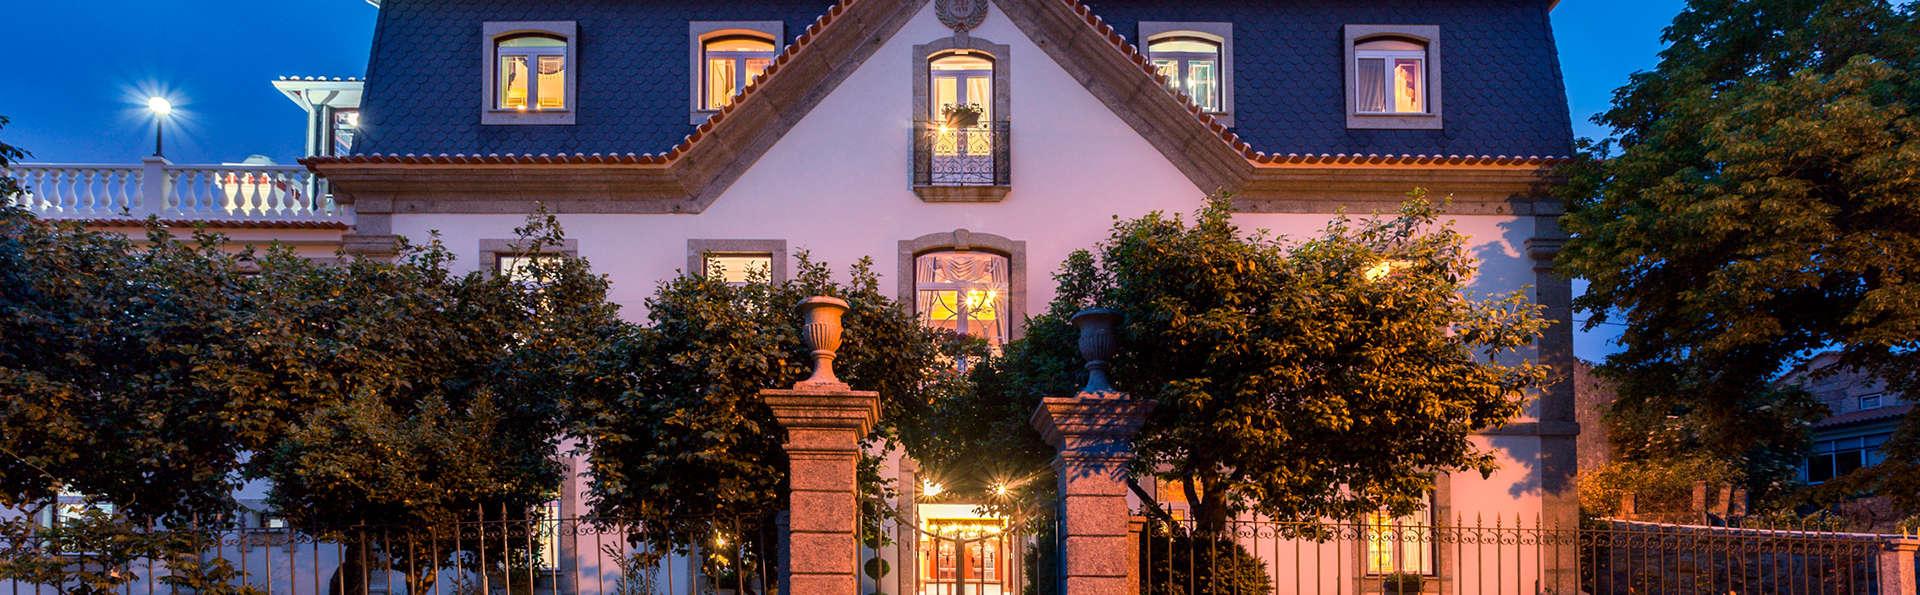 Stroganov Hotel & Spa - edit_stroganovhotel_atnight.jpg